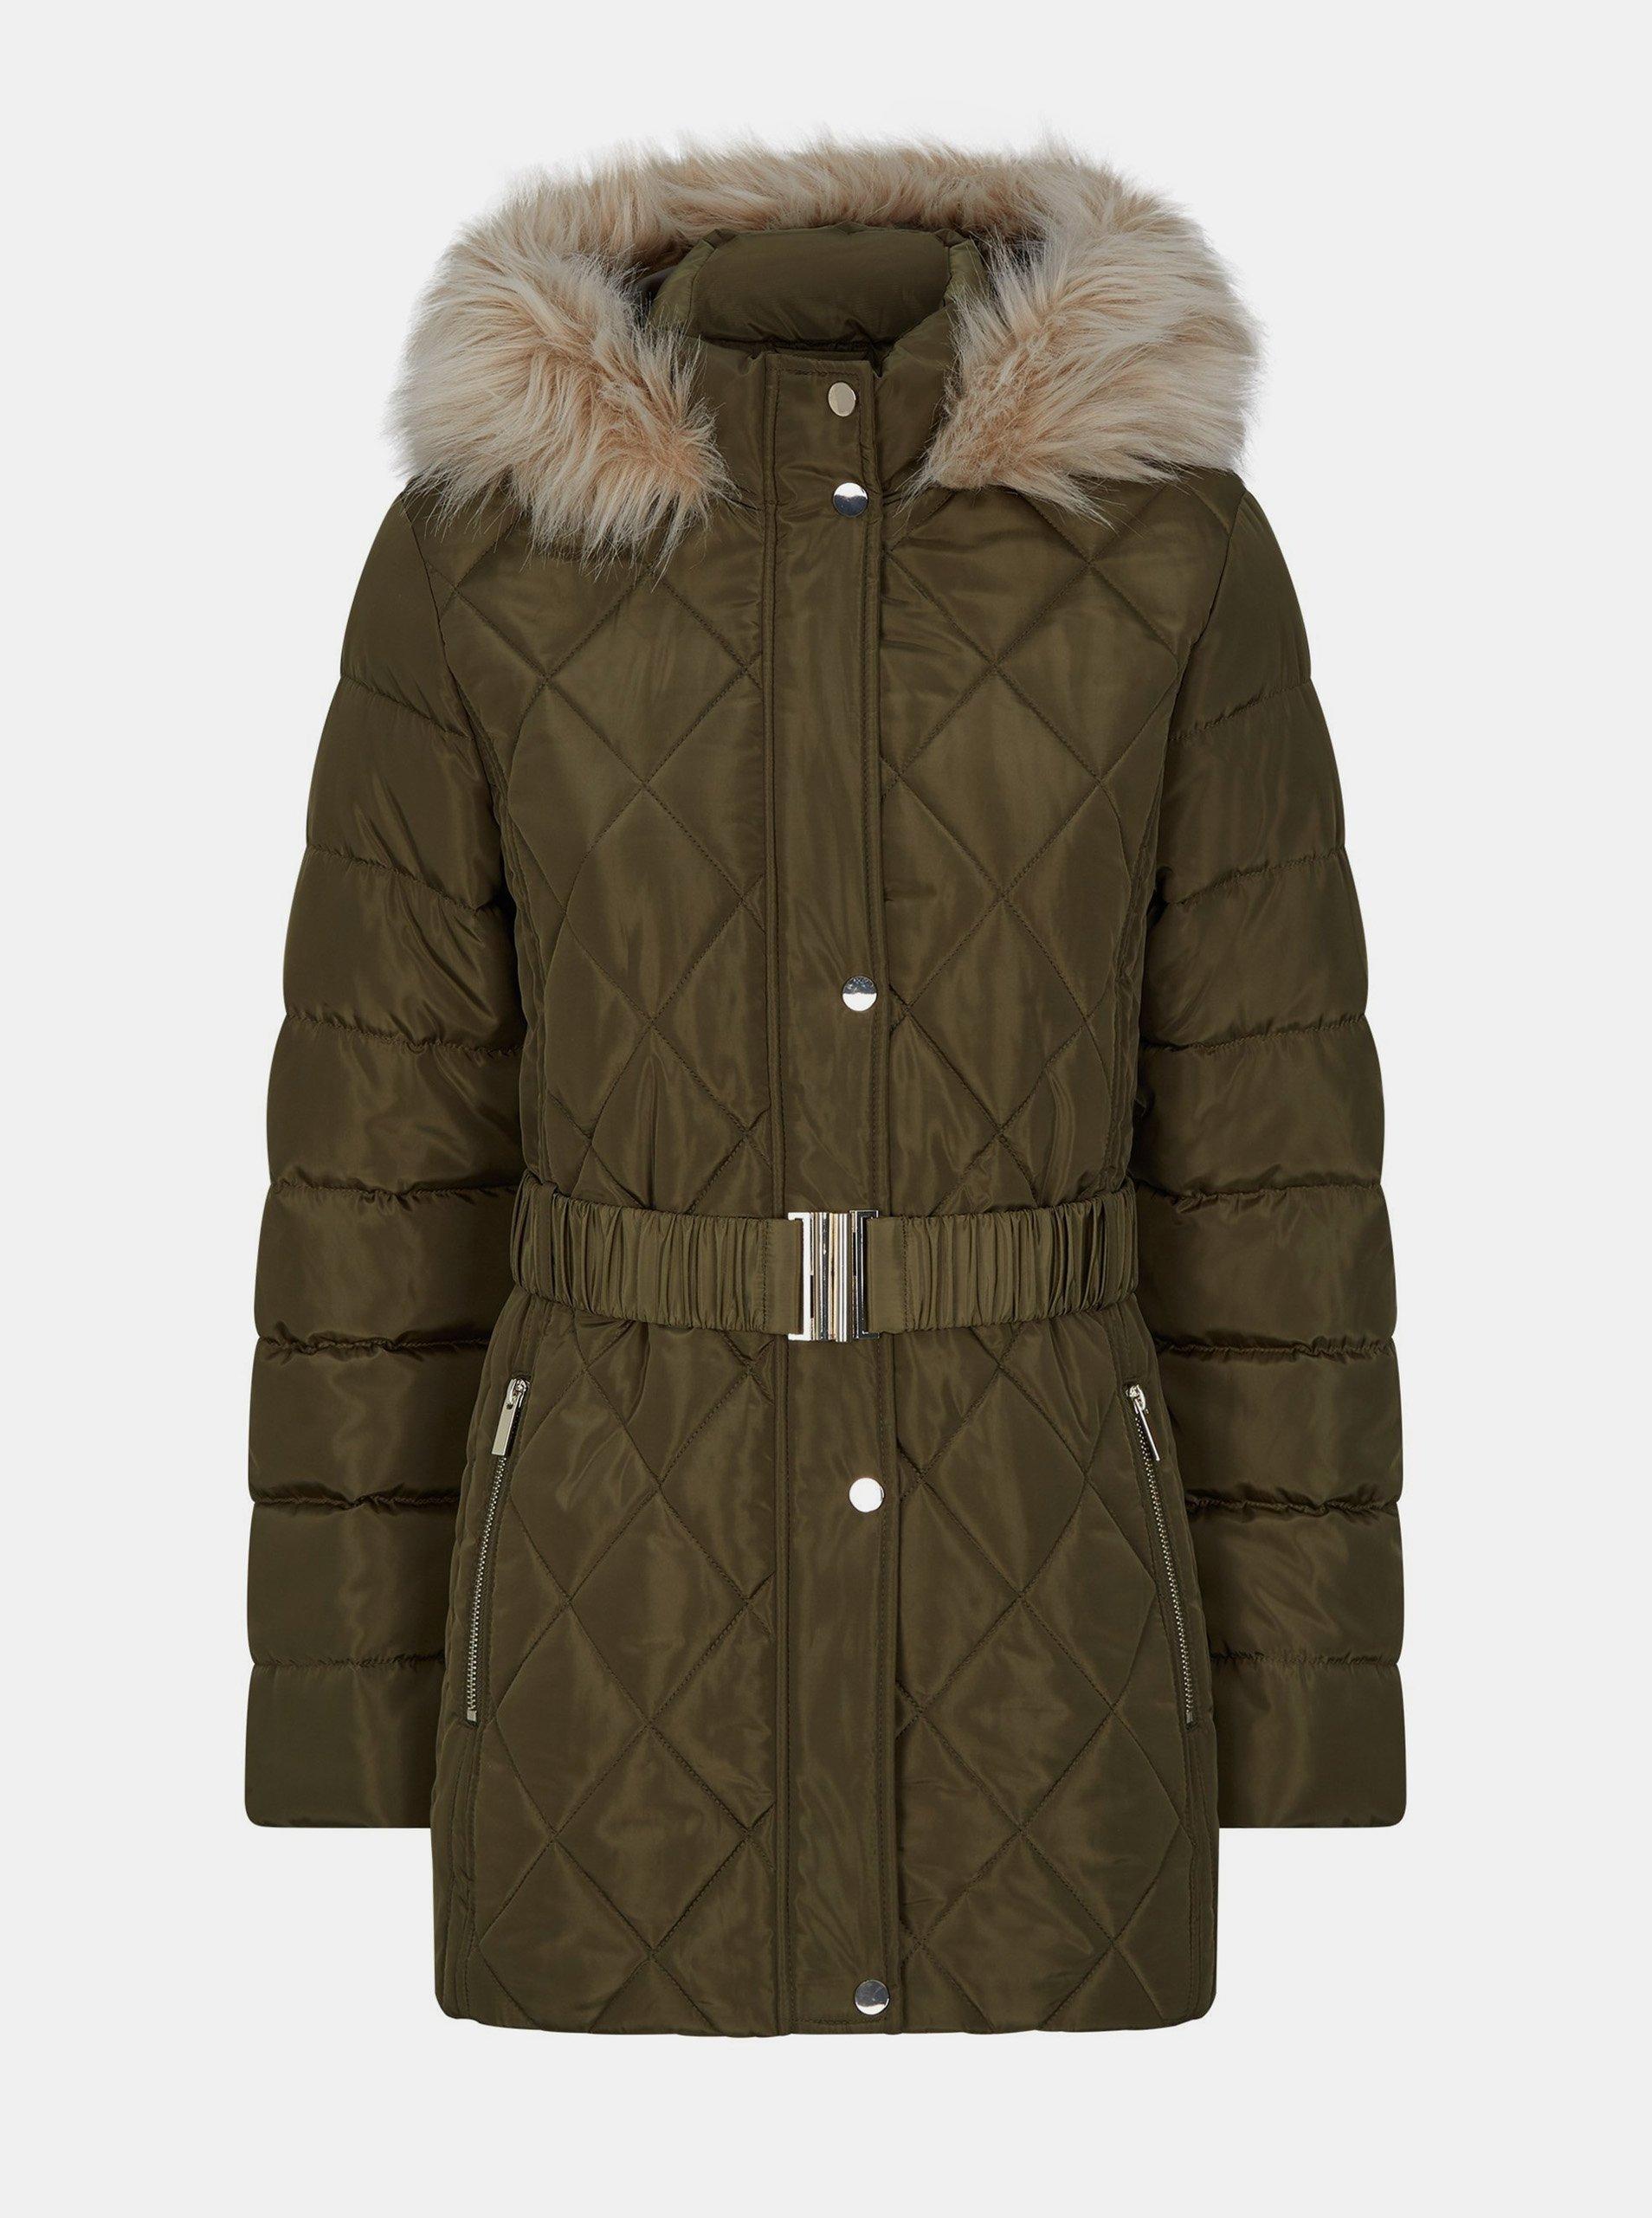 Kaki zimná prešívaná bunda Dorothy Perkins.